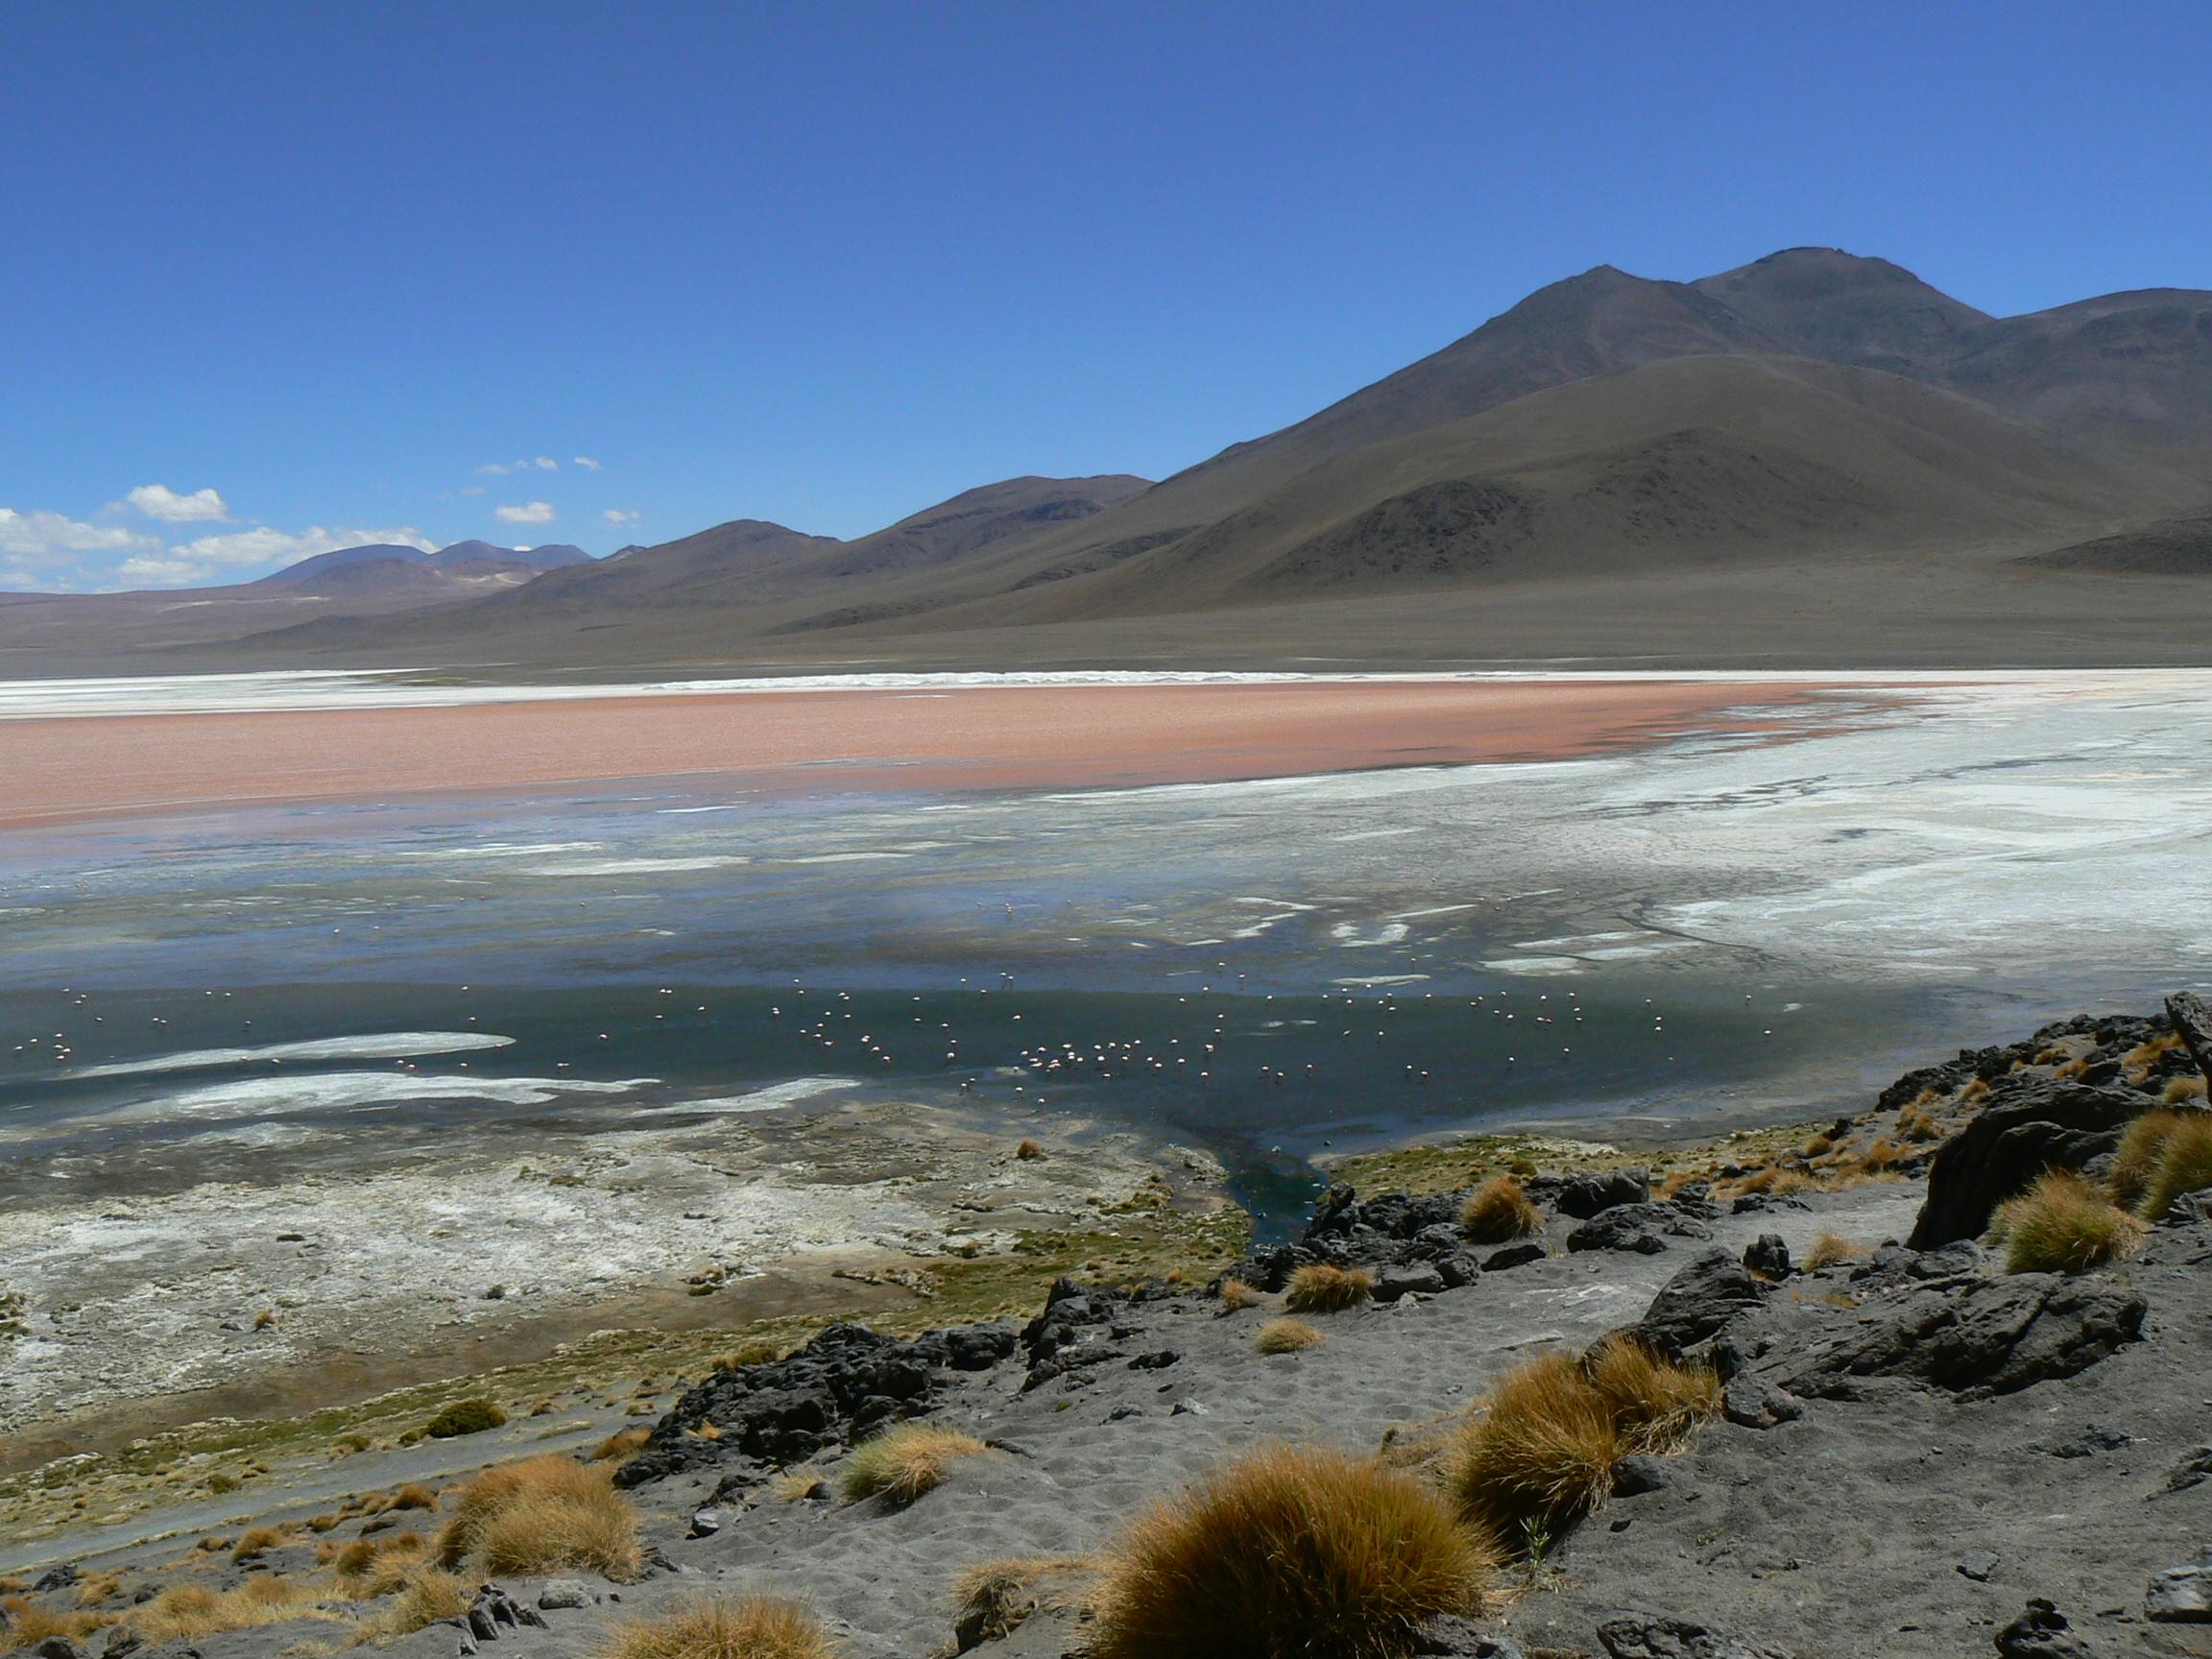 File:Phoenicopterus jamesi -Laguna Colorada -Bolivia-8d ...